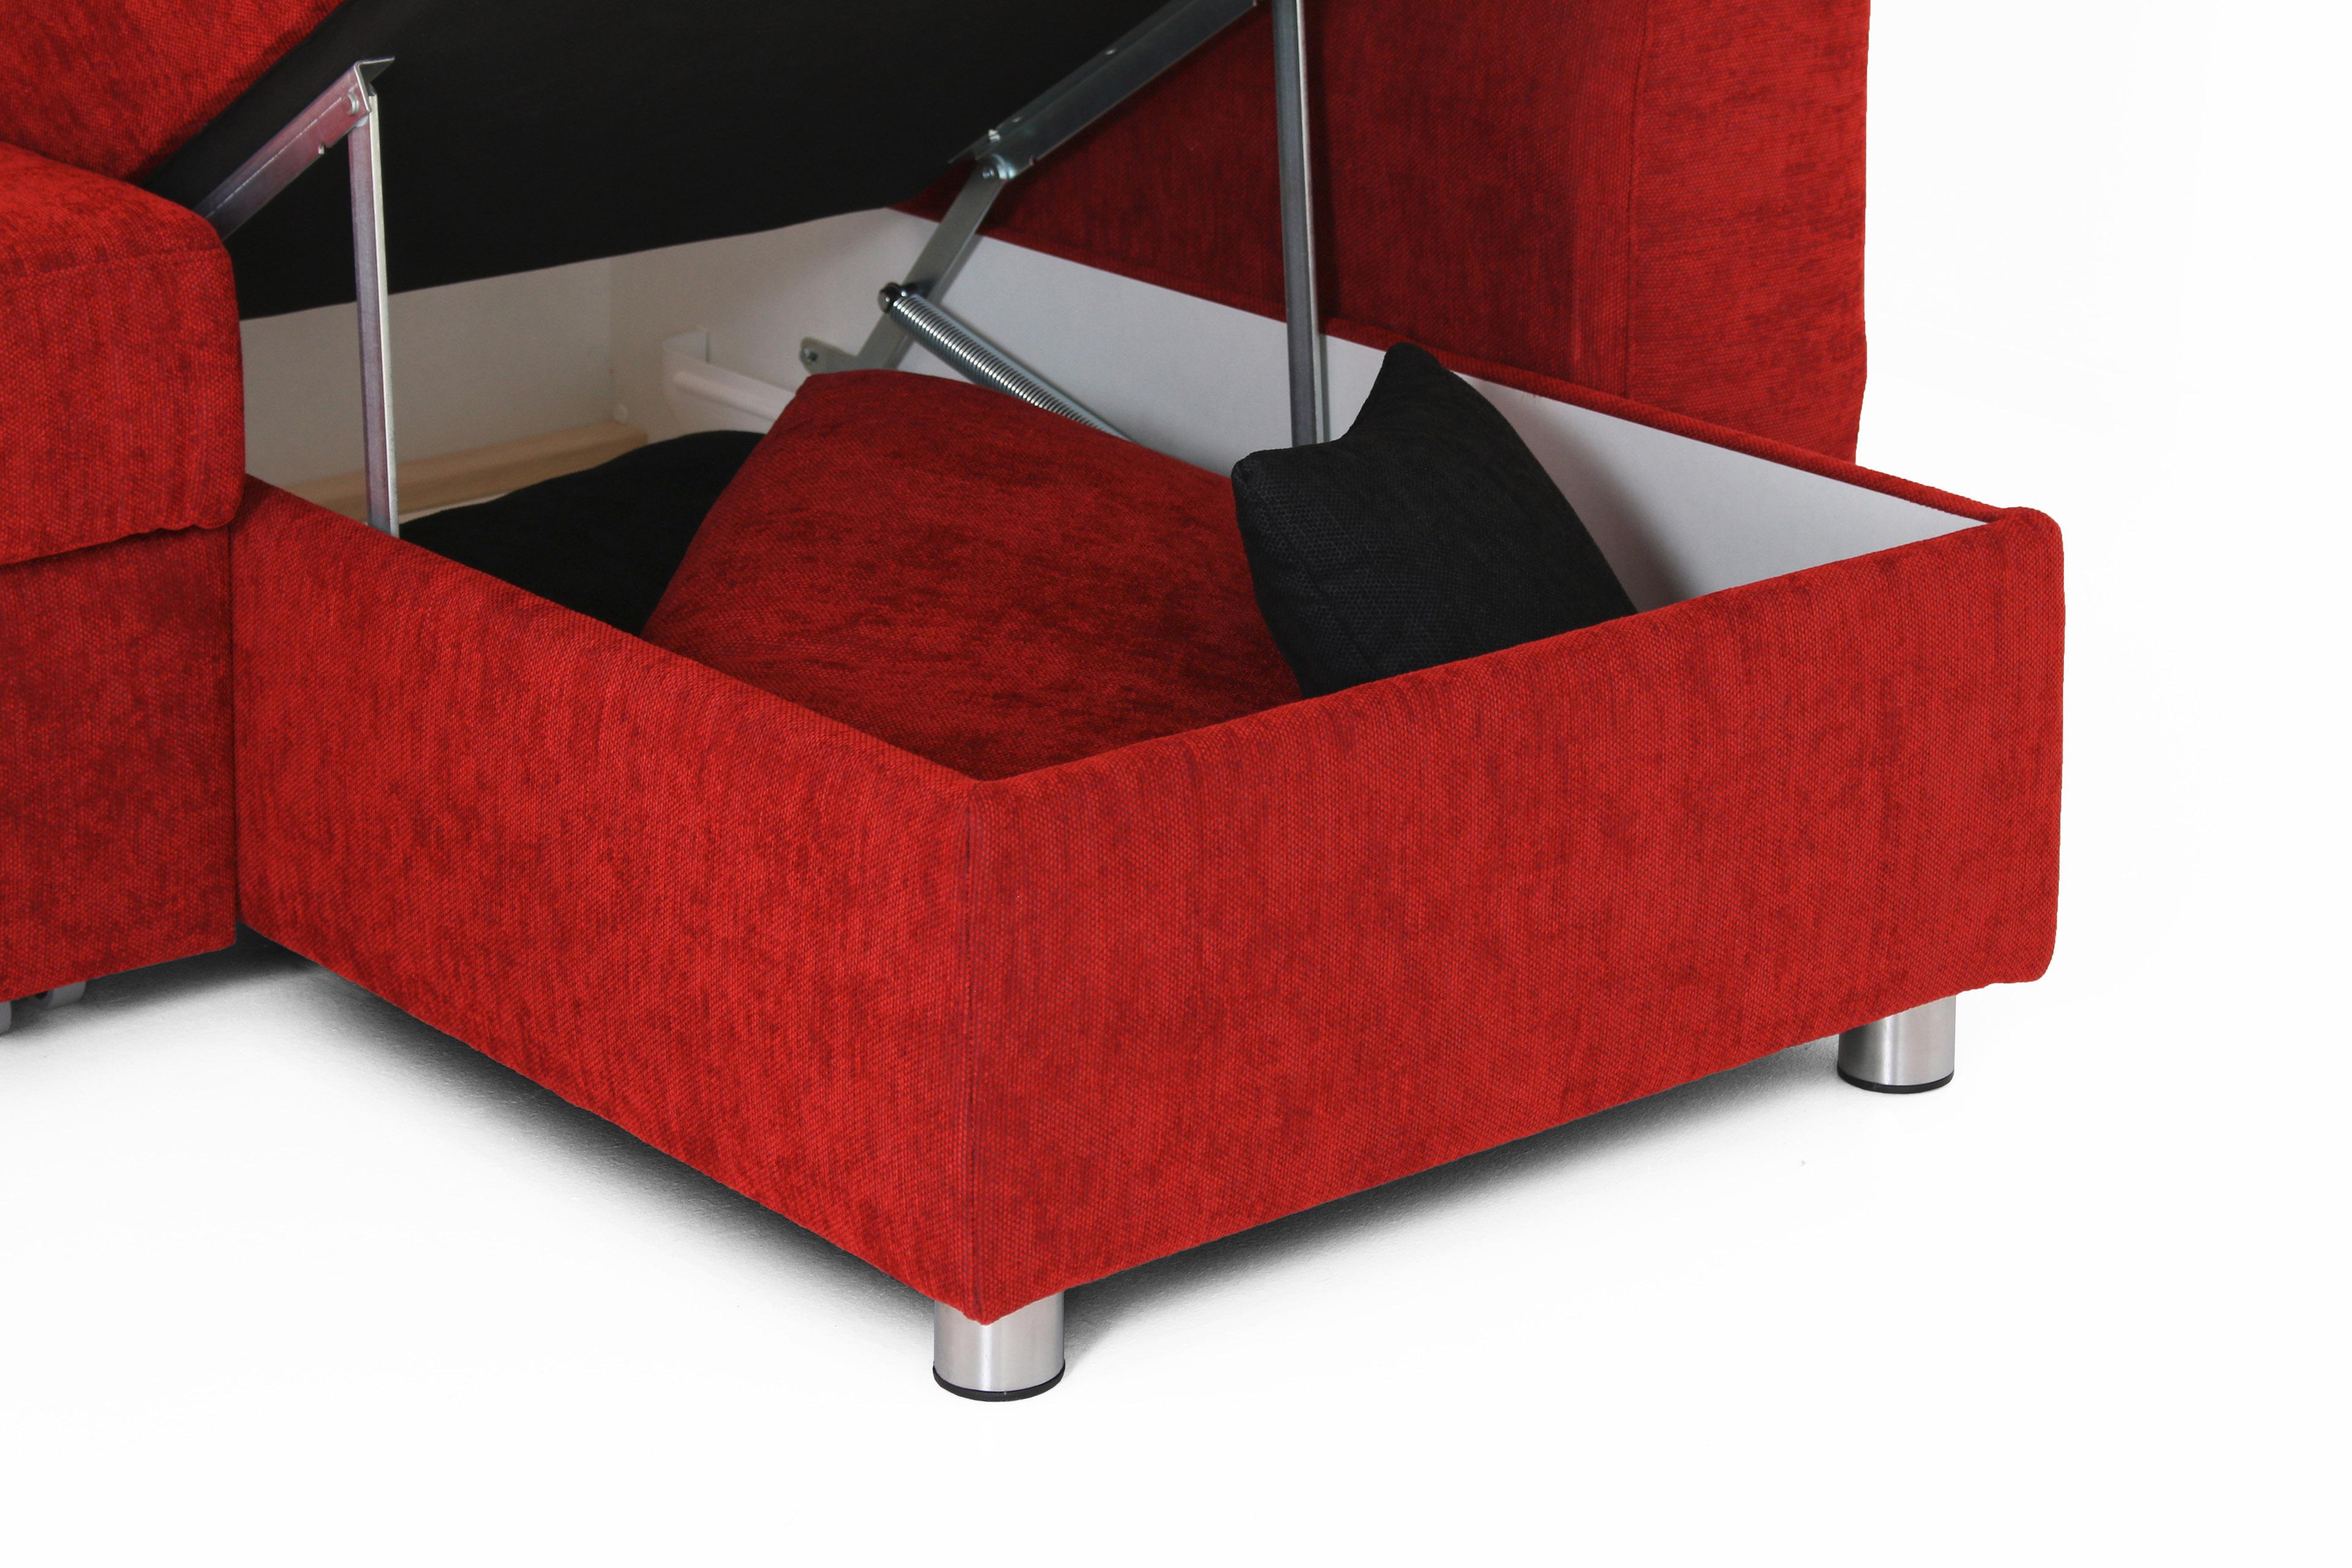 ecksofa mit schlaffunktion poco dom ne inspirierendes design f r wohnm bel. Black Bedroom Furniture Sets. Home Design Ideas